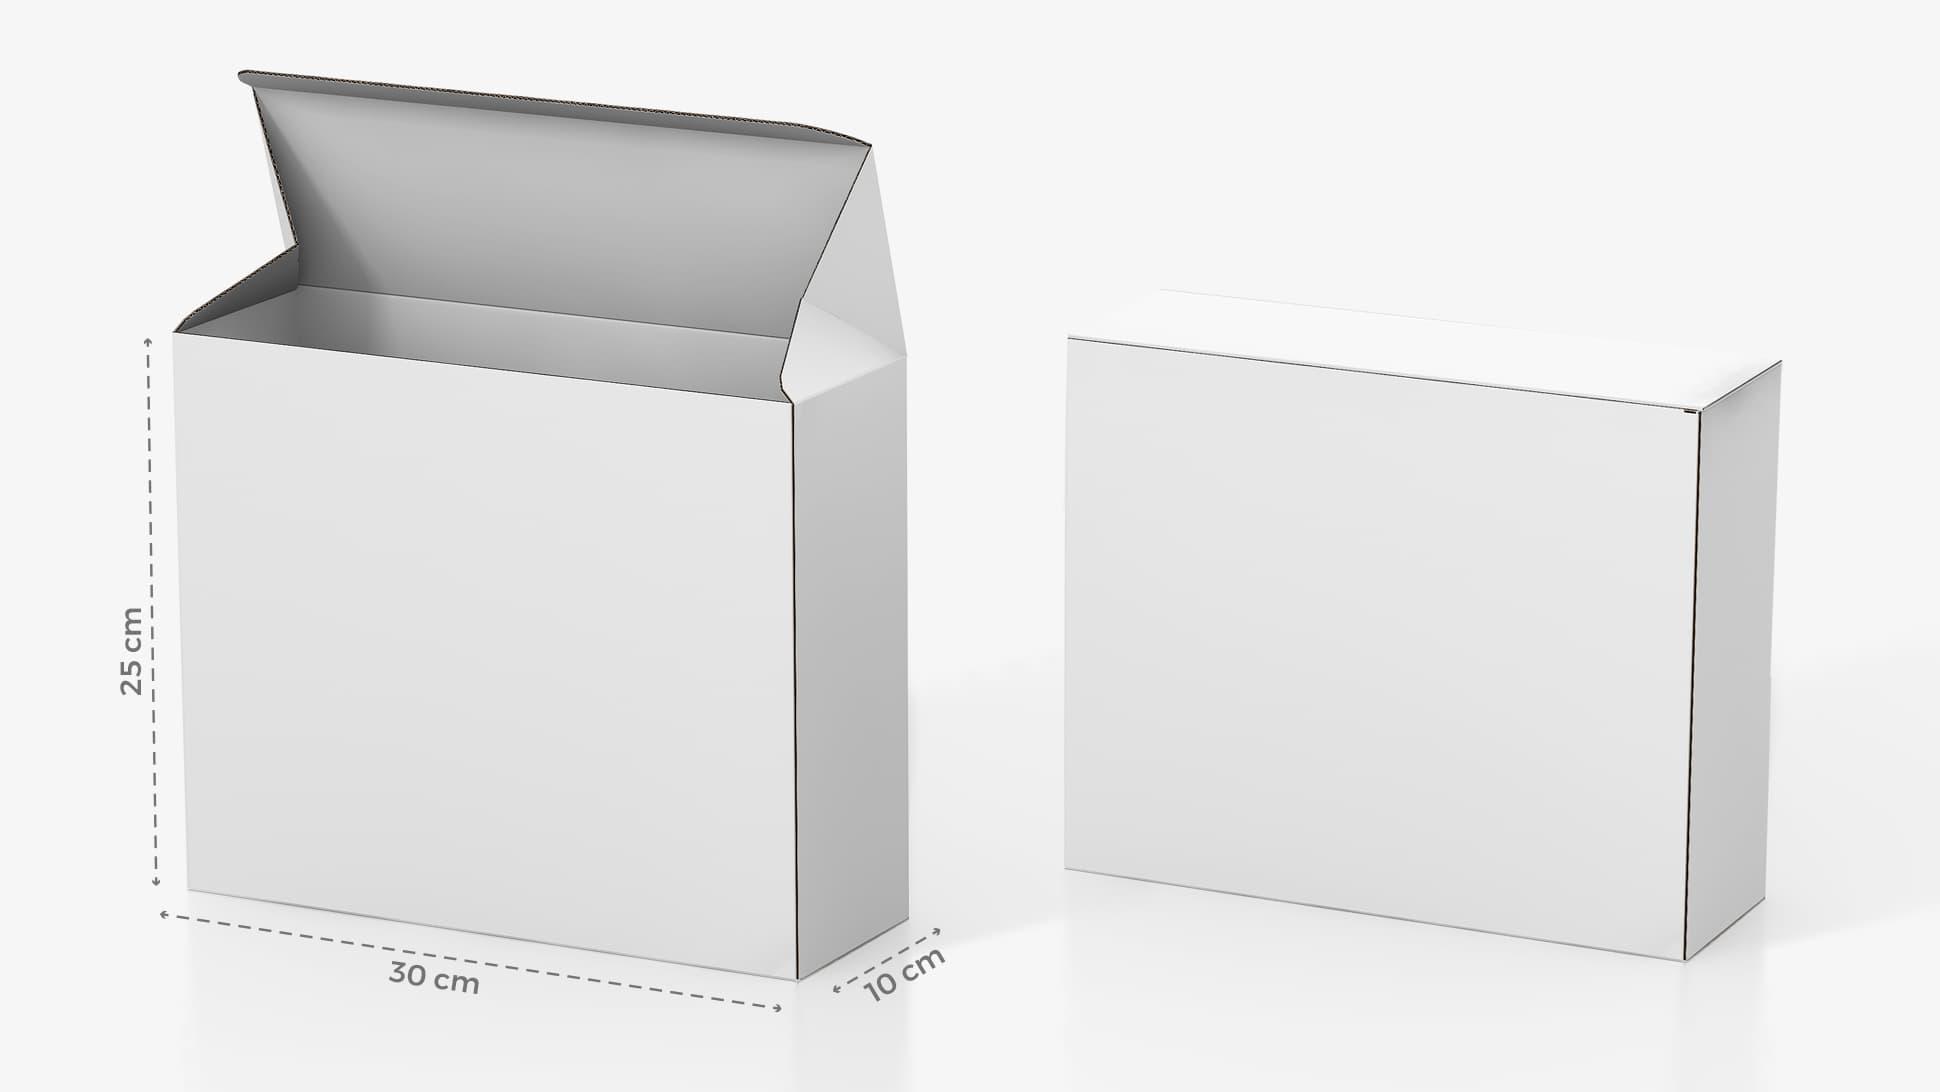 Scatola in cartone 30x25 cm personalizzabile | tictac.it